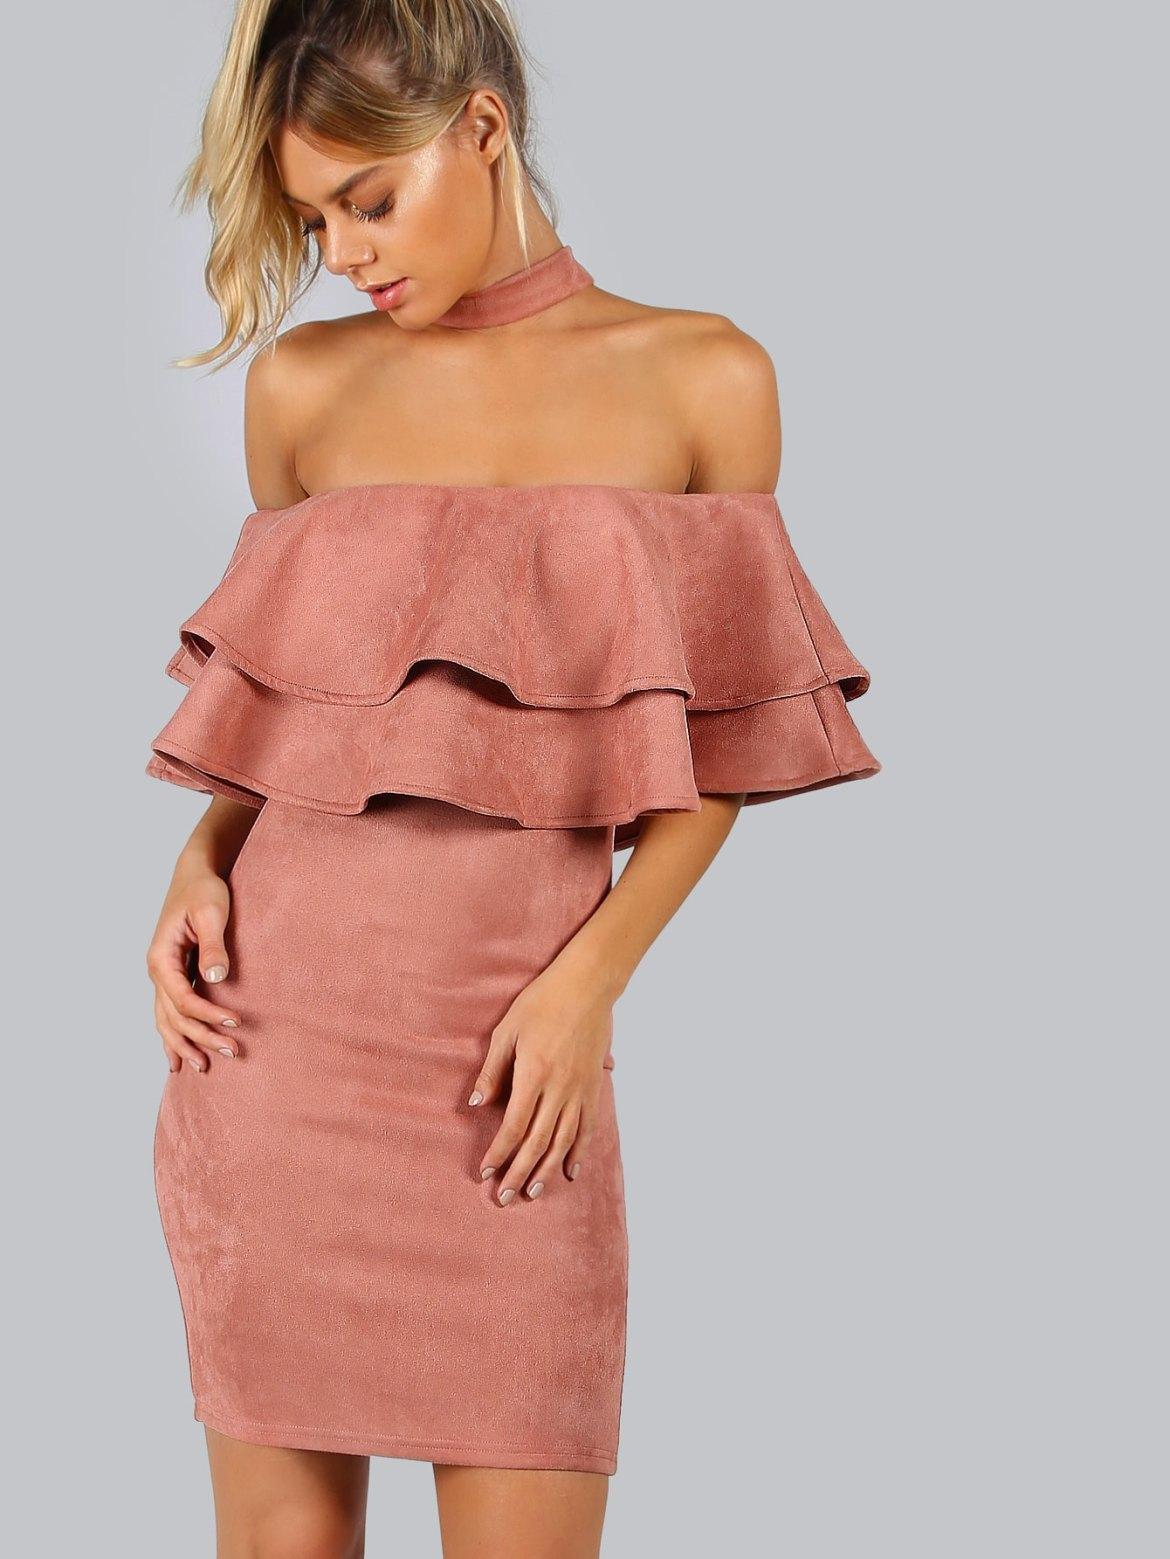 Suede Choker Neck Layered Ruffle Dress